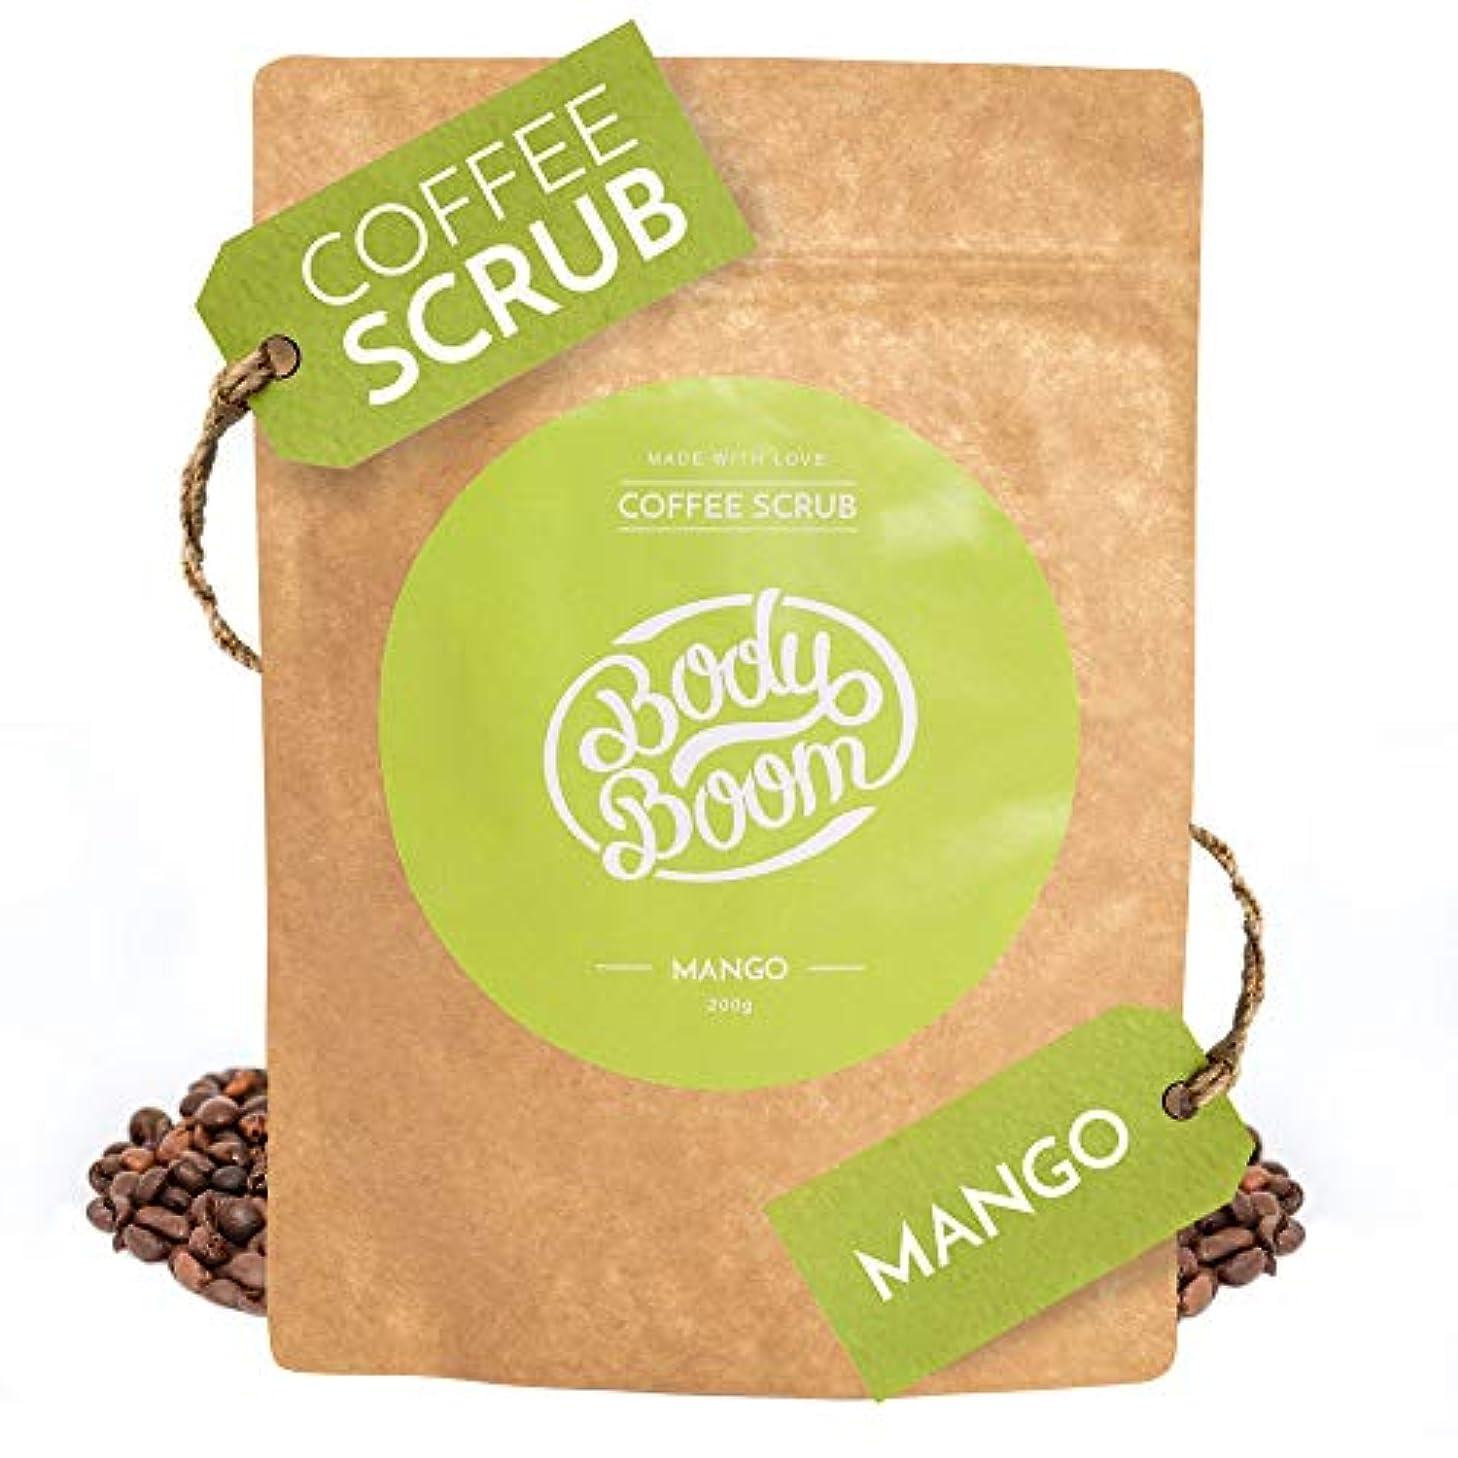 ベース薬商品コーヒースクラブ Body Boom ボディブーム マンゴー 200g